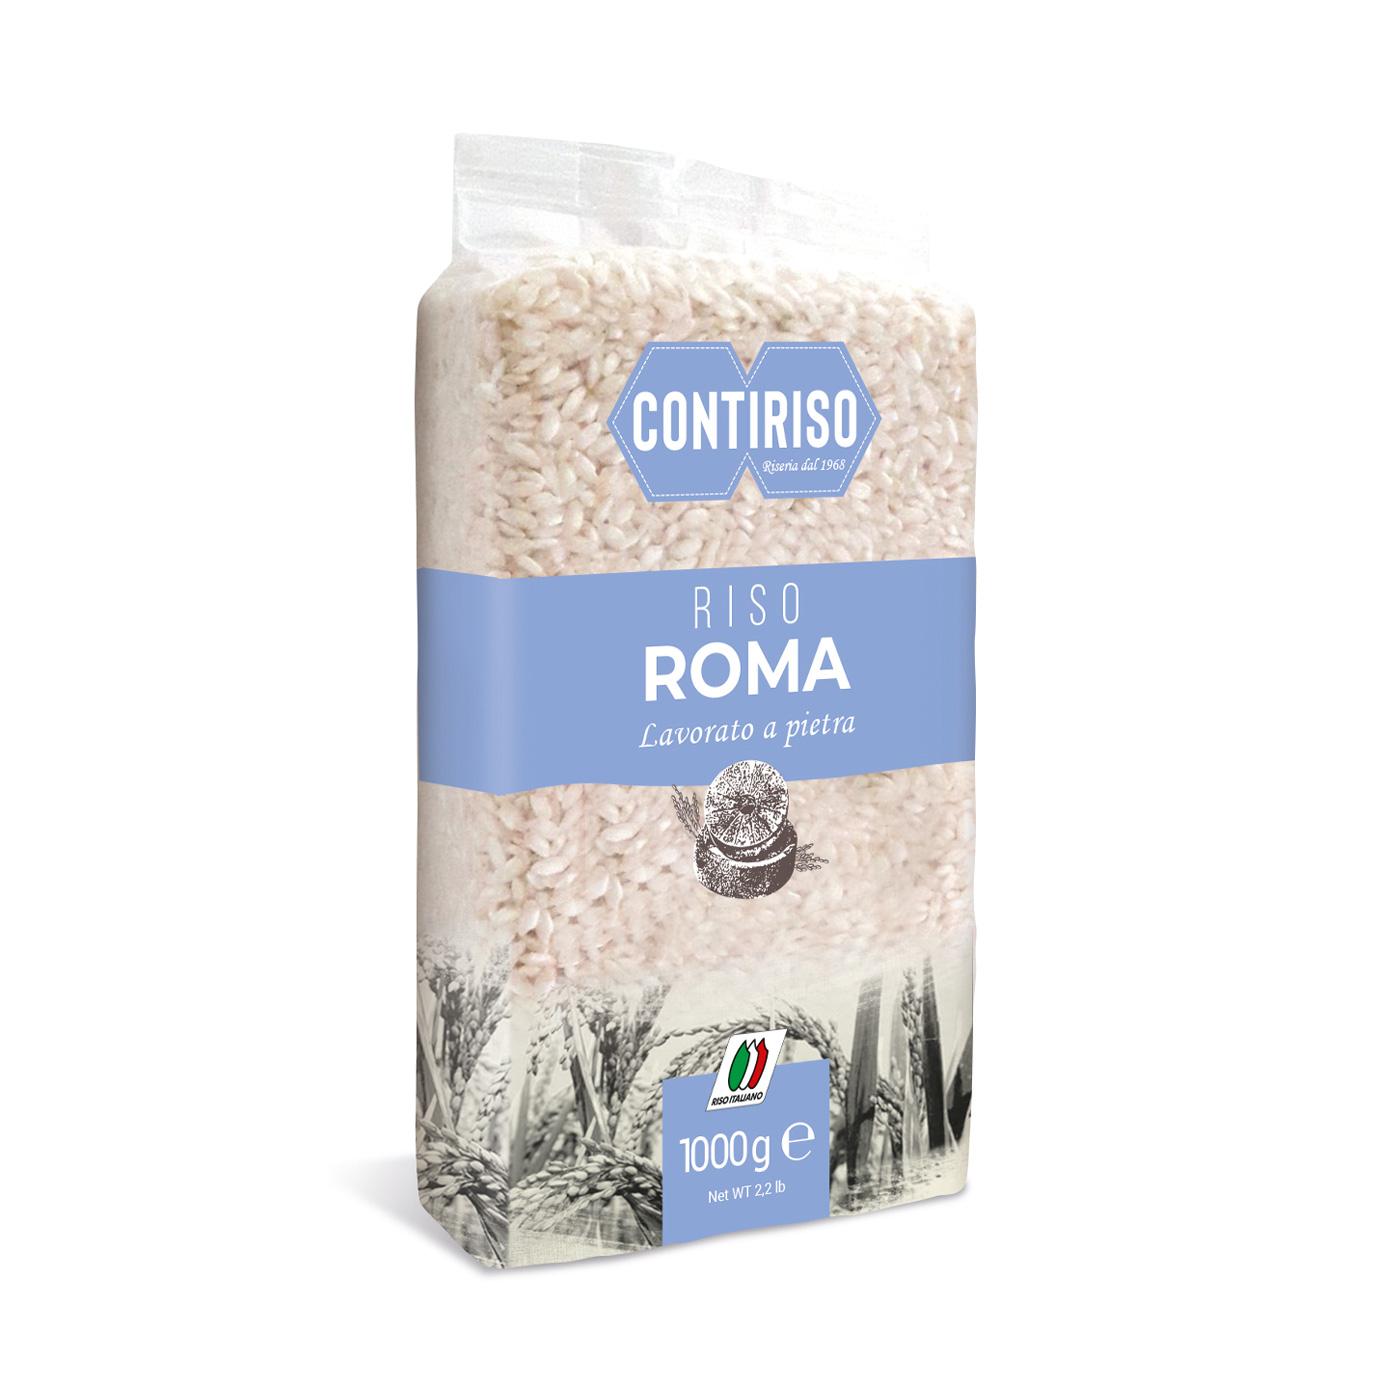 riso roma